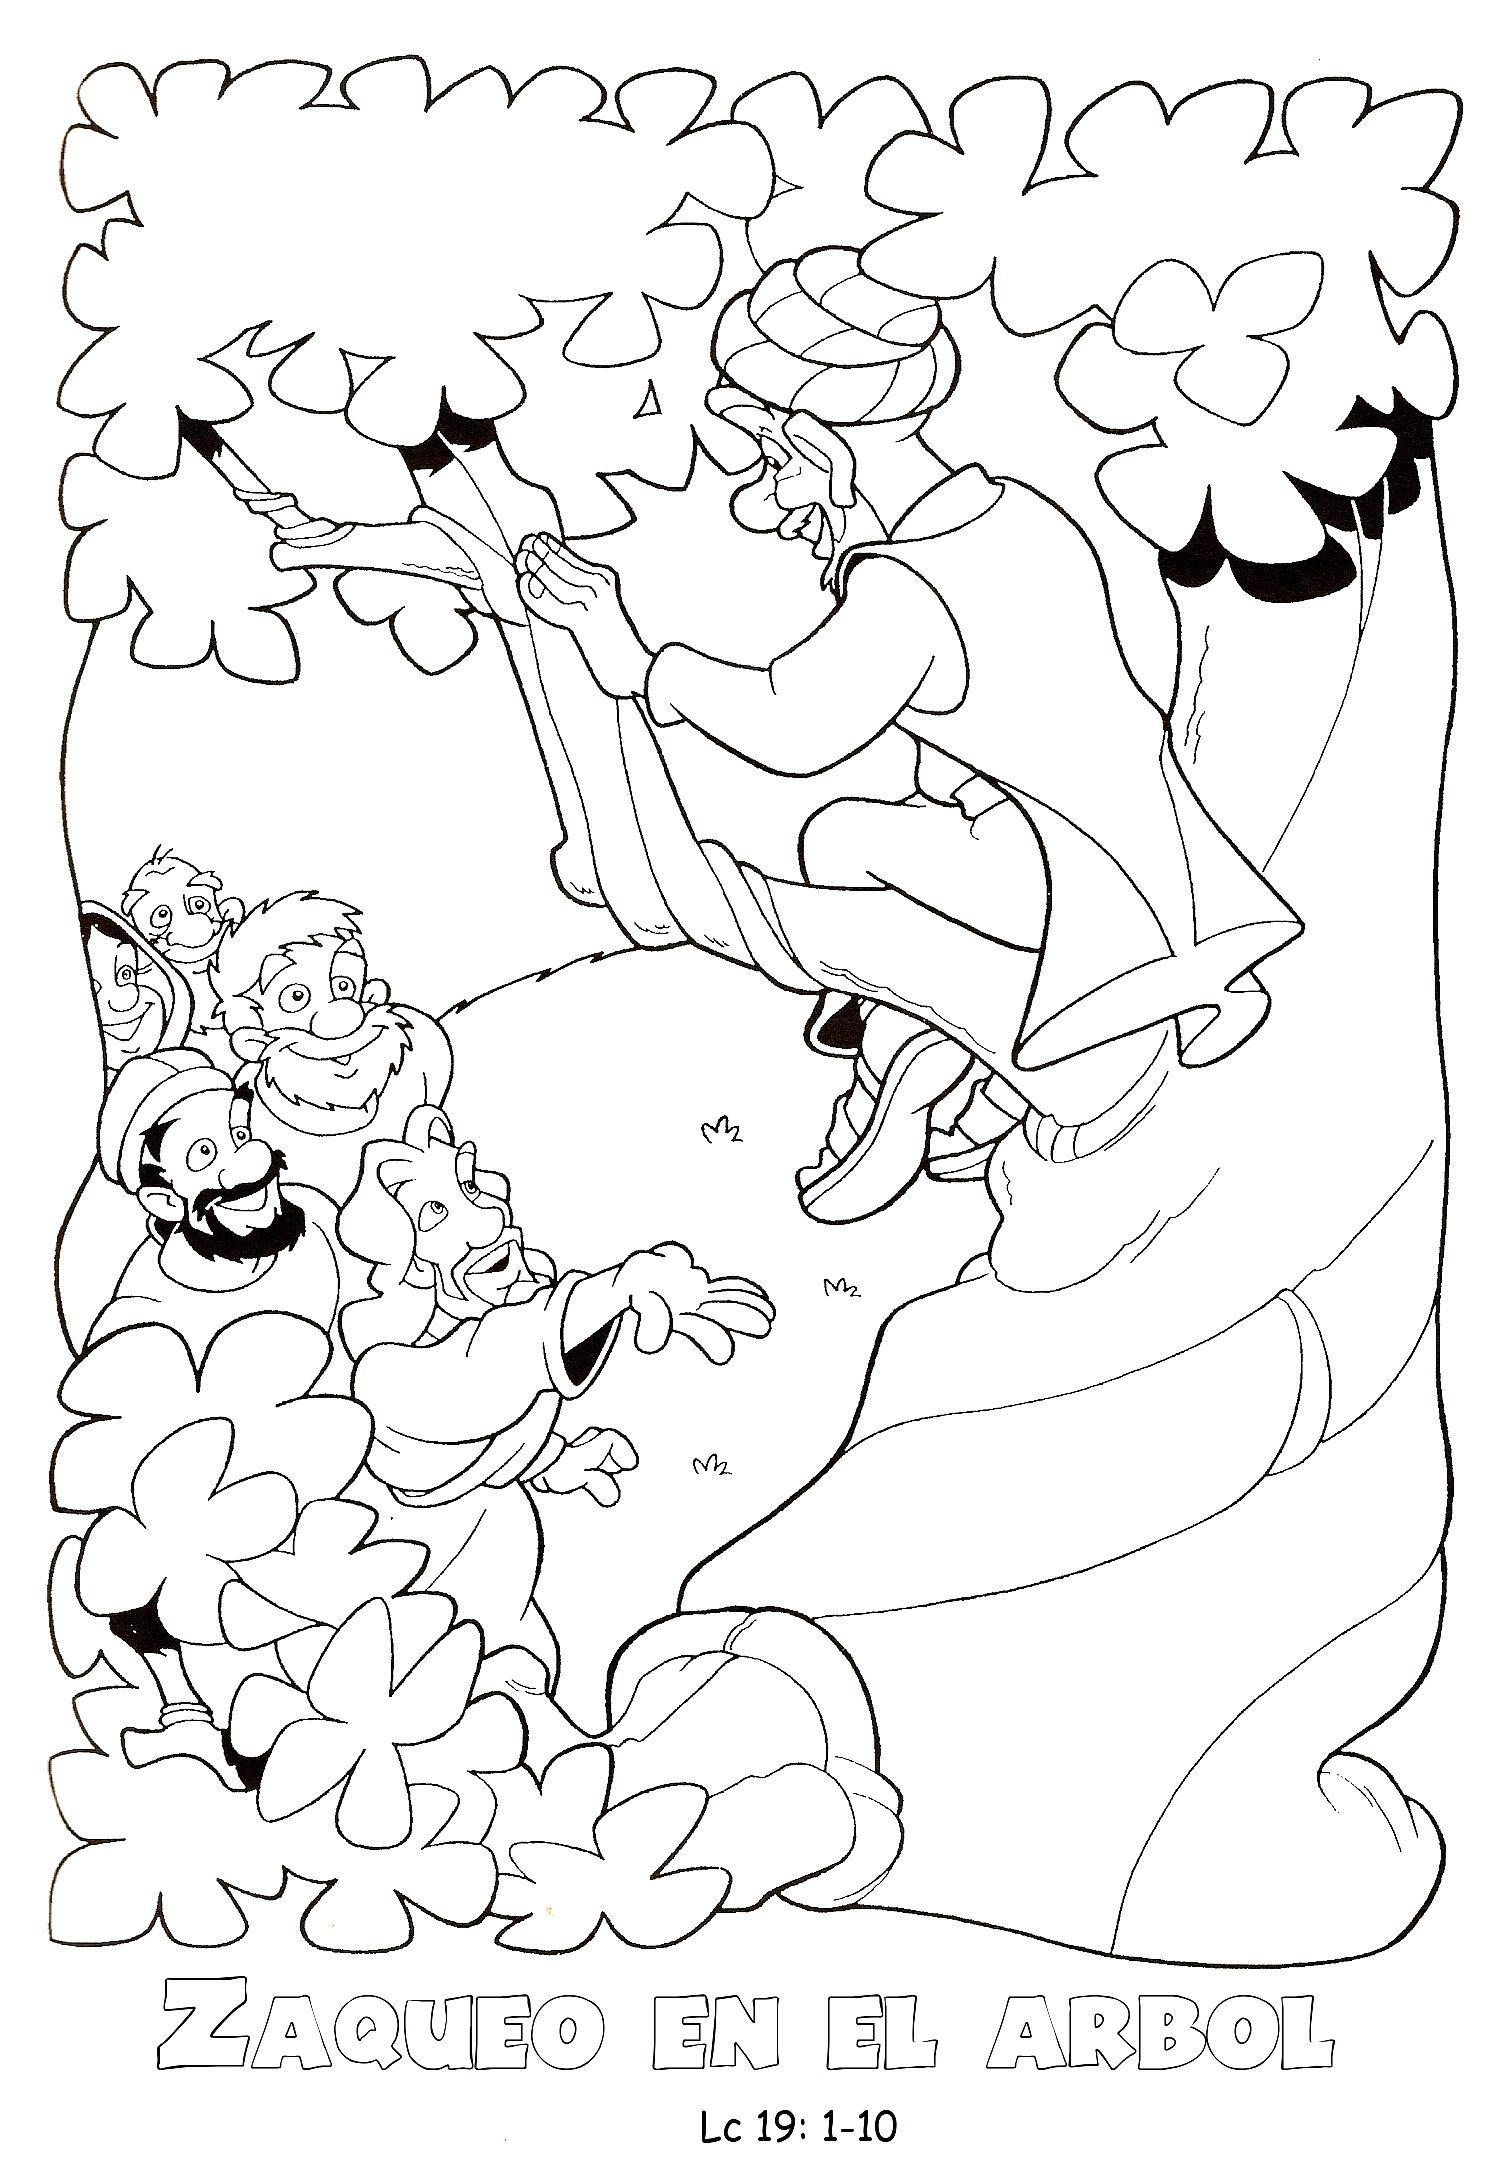 Dibujo para pintar sobre Zaqueo | Zaqueo | Pinterest | Zaqueo ...